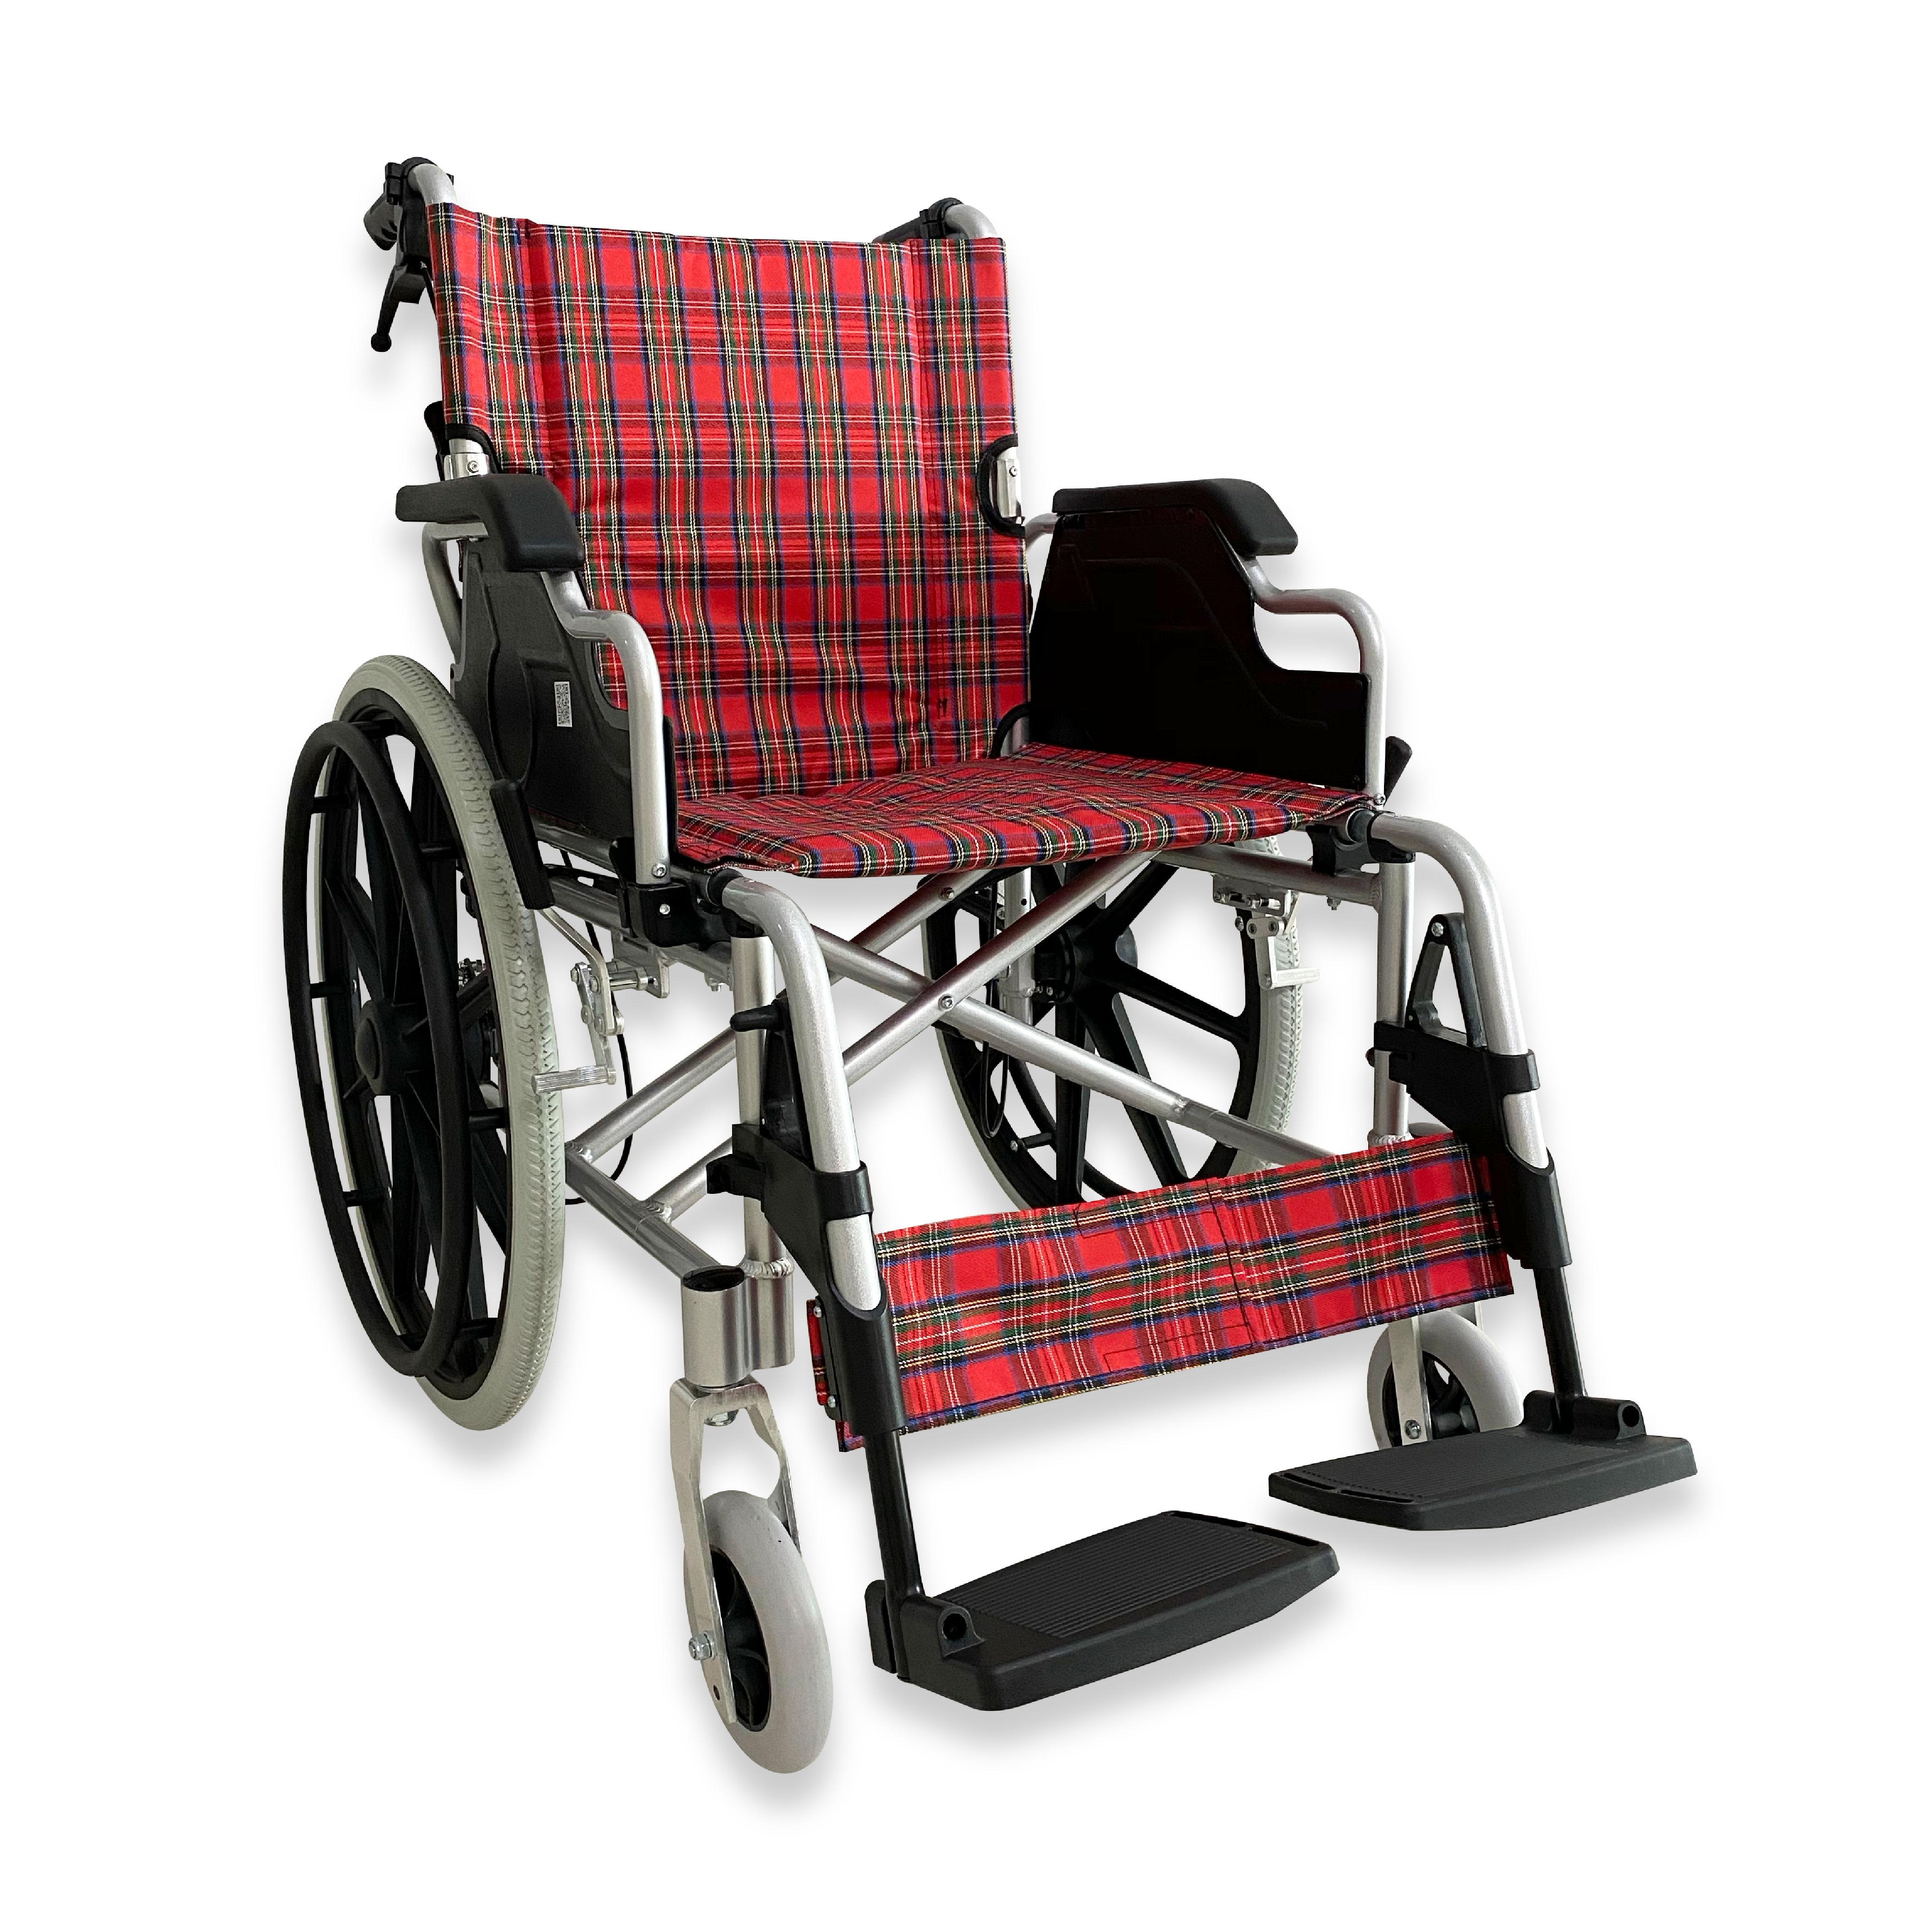 รถเข็นผู้ป่วย วีลแชร์ (Wheelchair) อลูมิเนียมอัลลอยด์ ล้อแม็กยางตัน